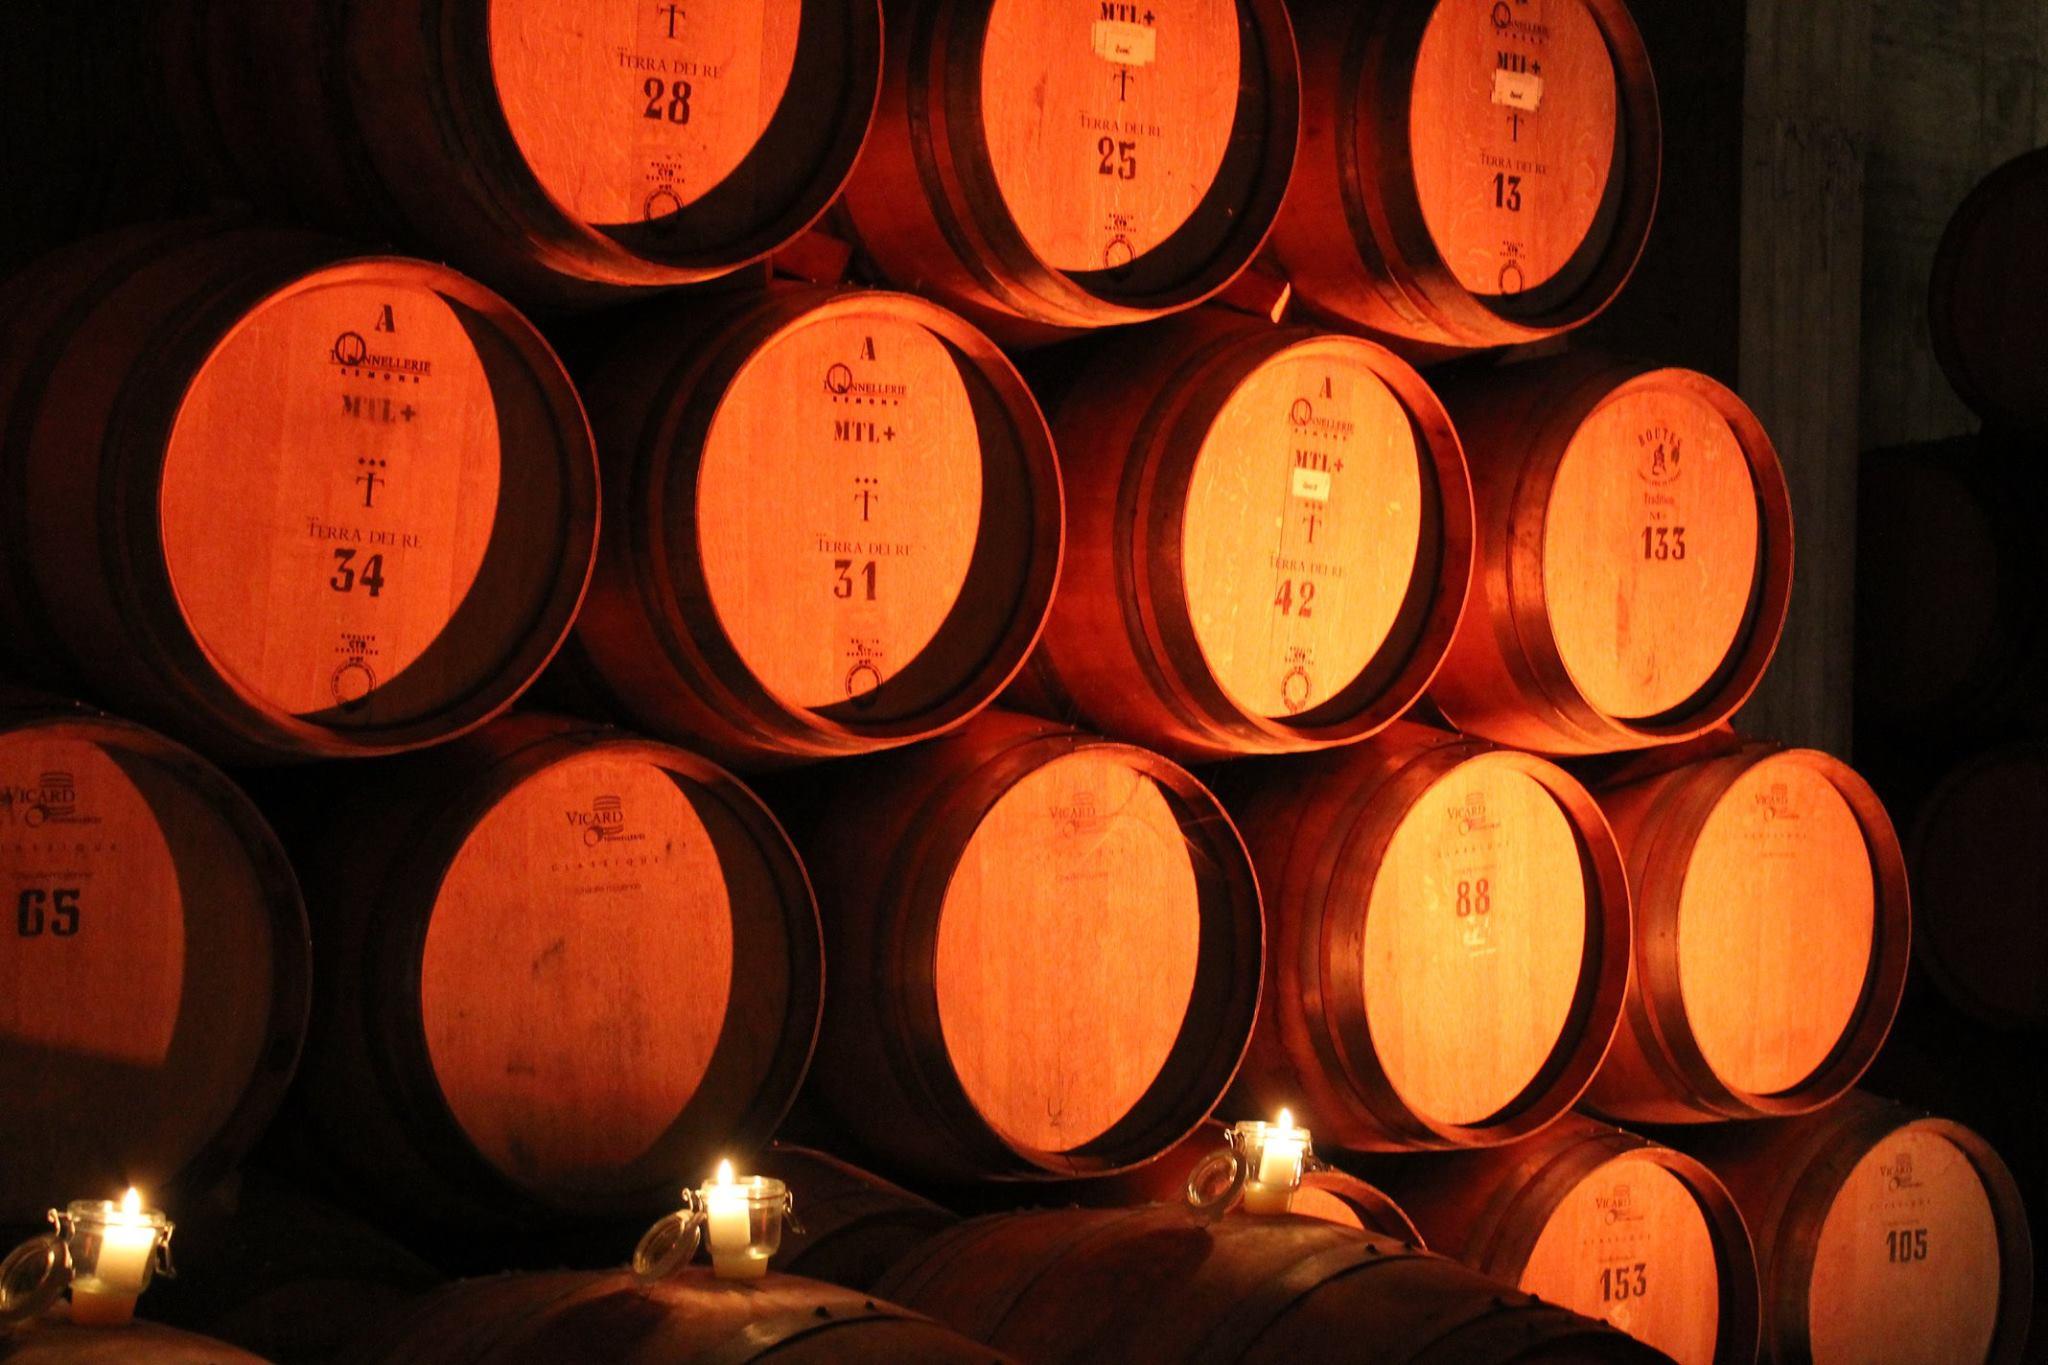 Terra Dei Re winery cellar full of barrels with wine